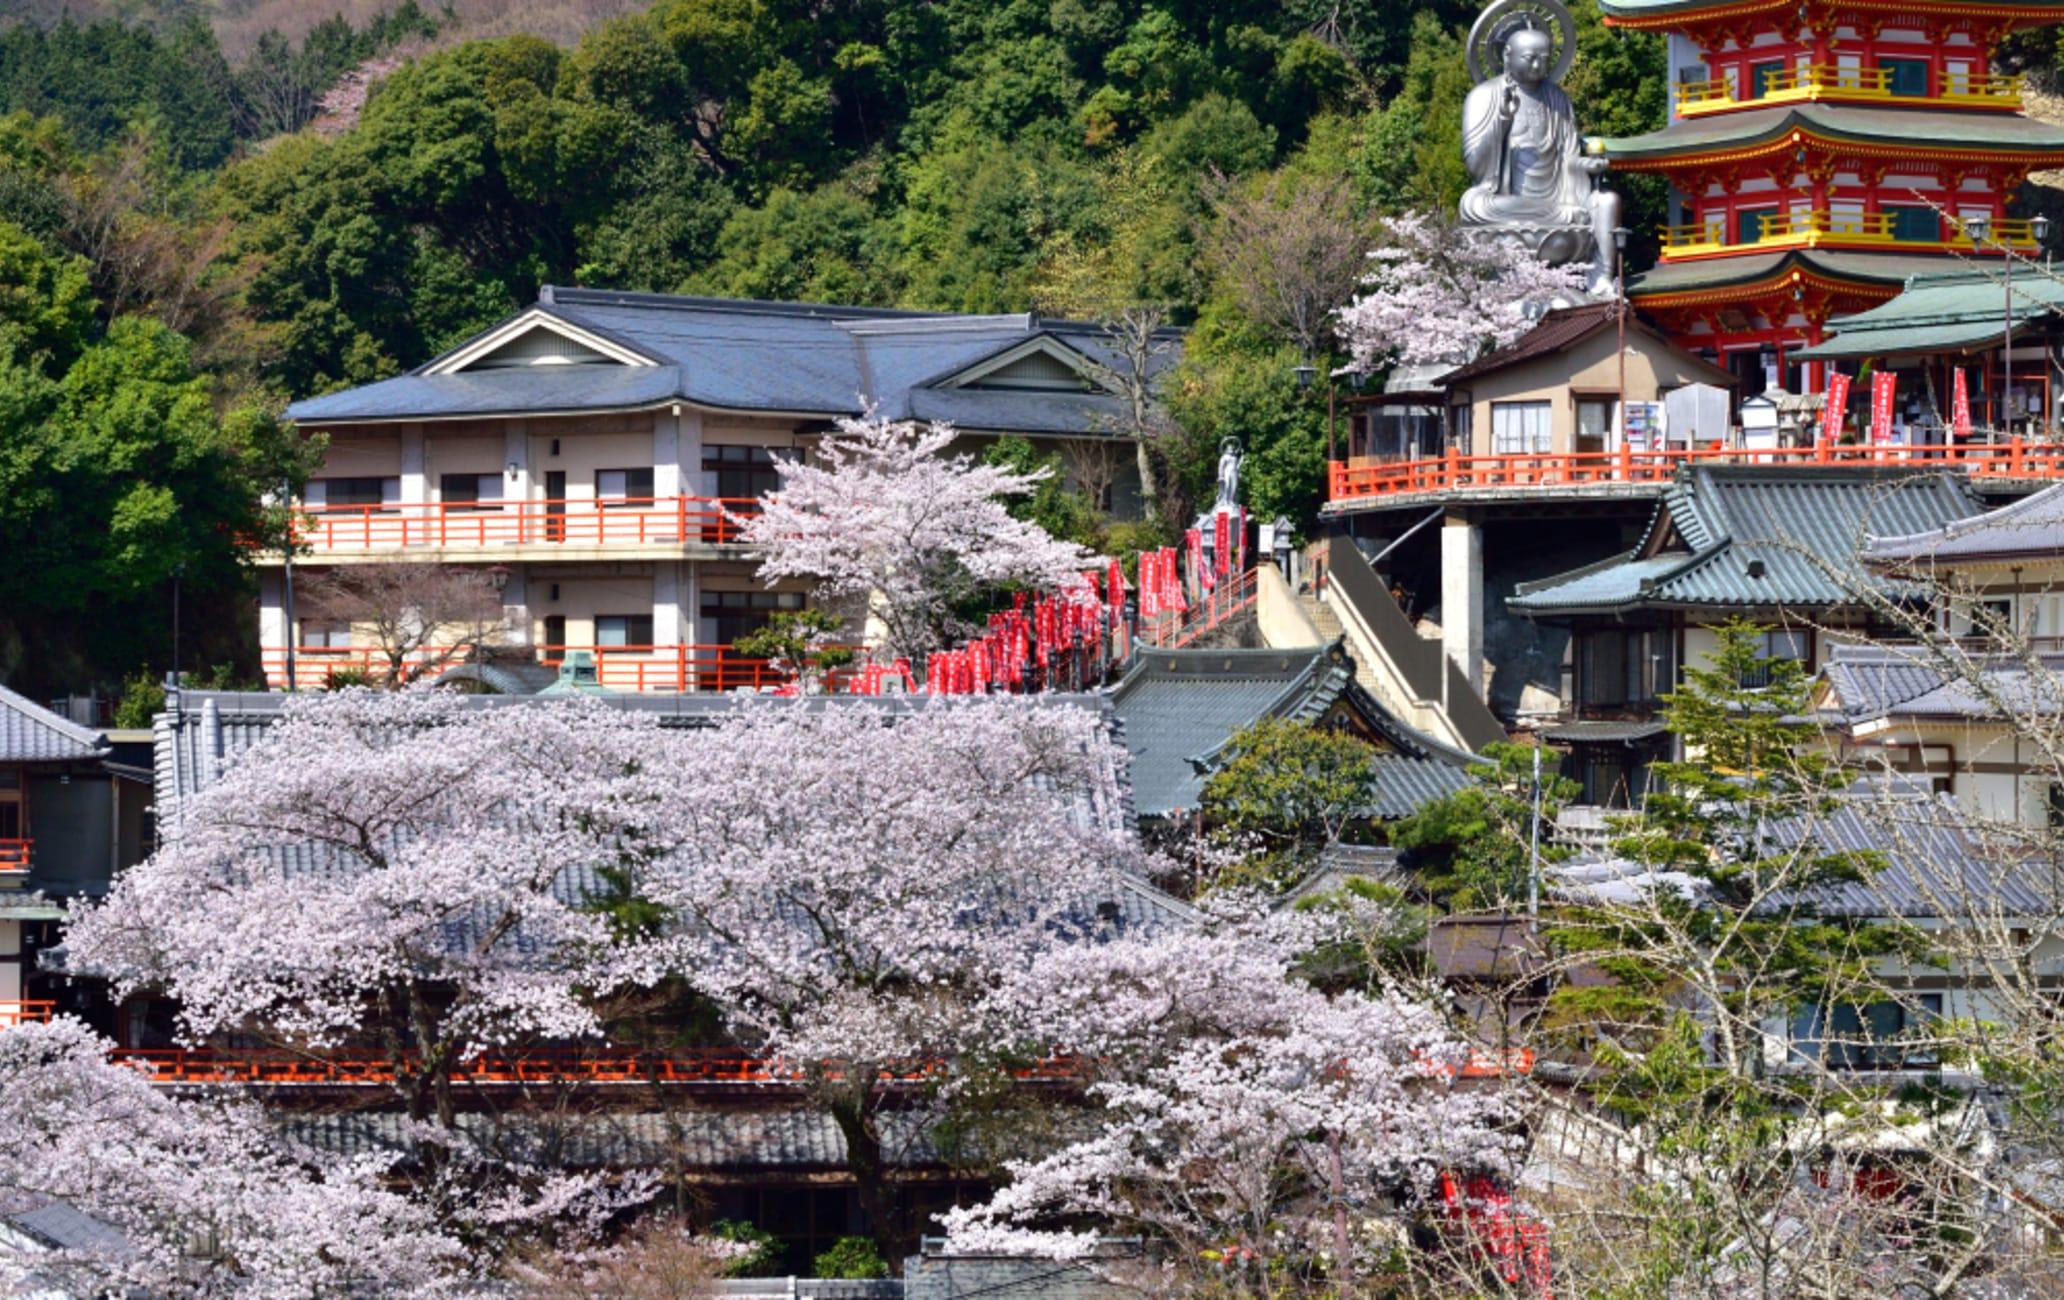 chogosonshi-ji temple